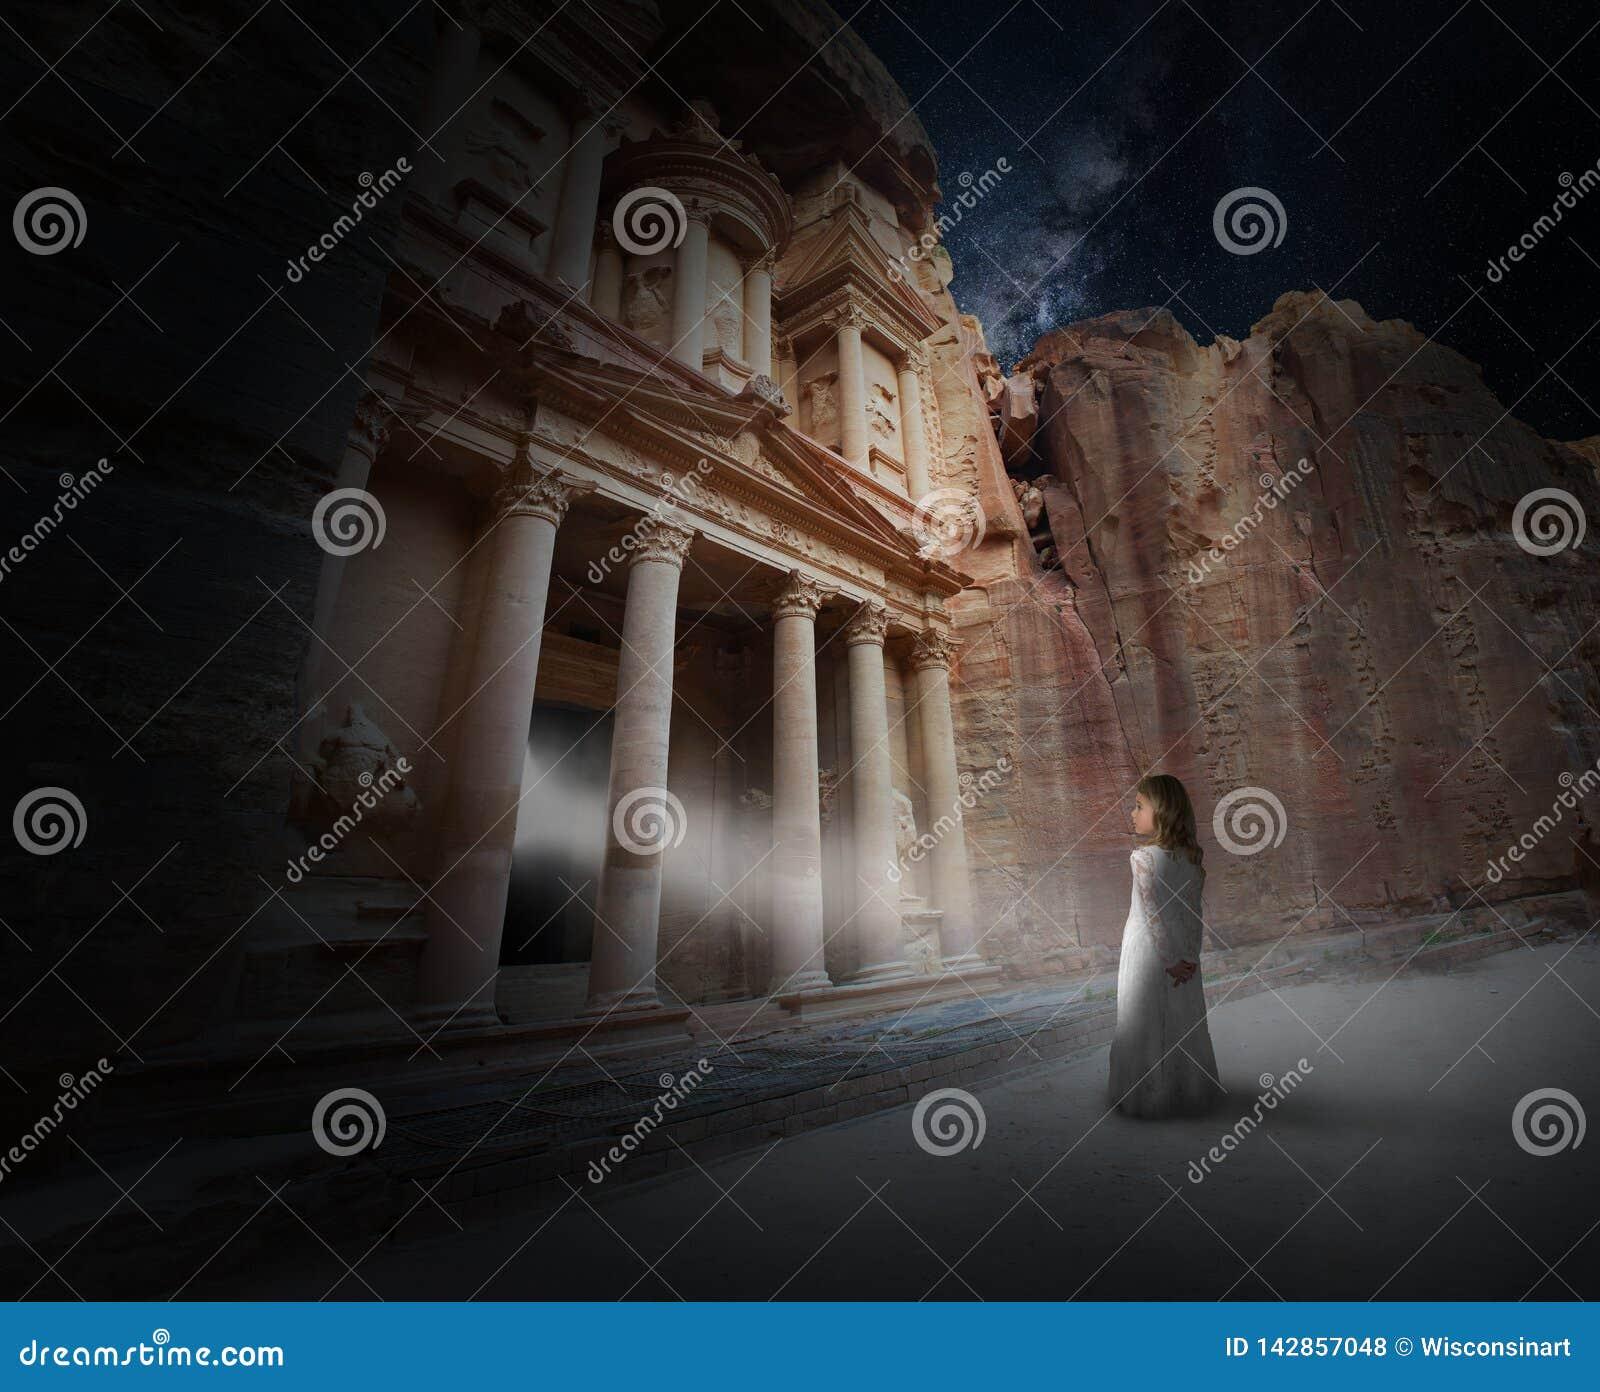 Mágica surreal, renascimento espiritual, fantasia, ficção científica